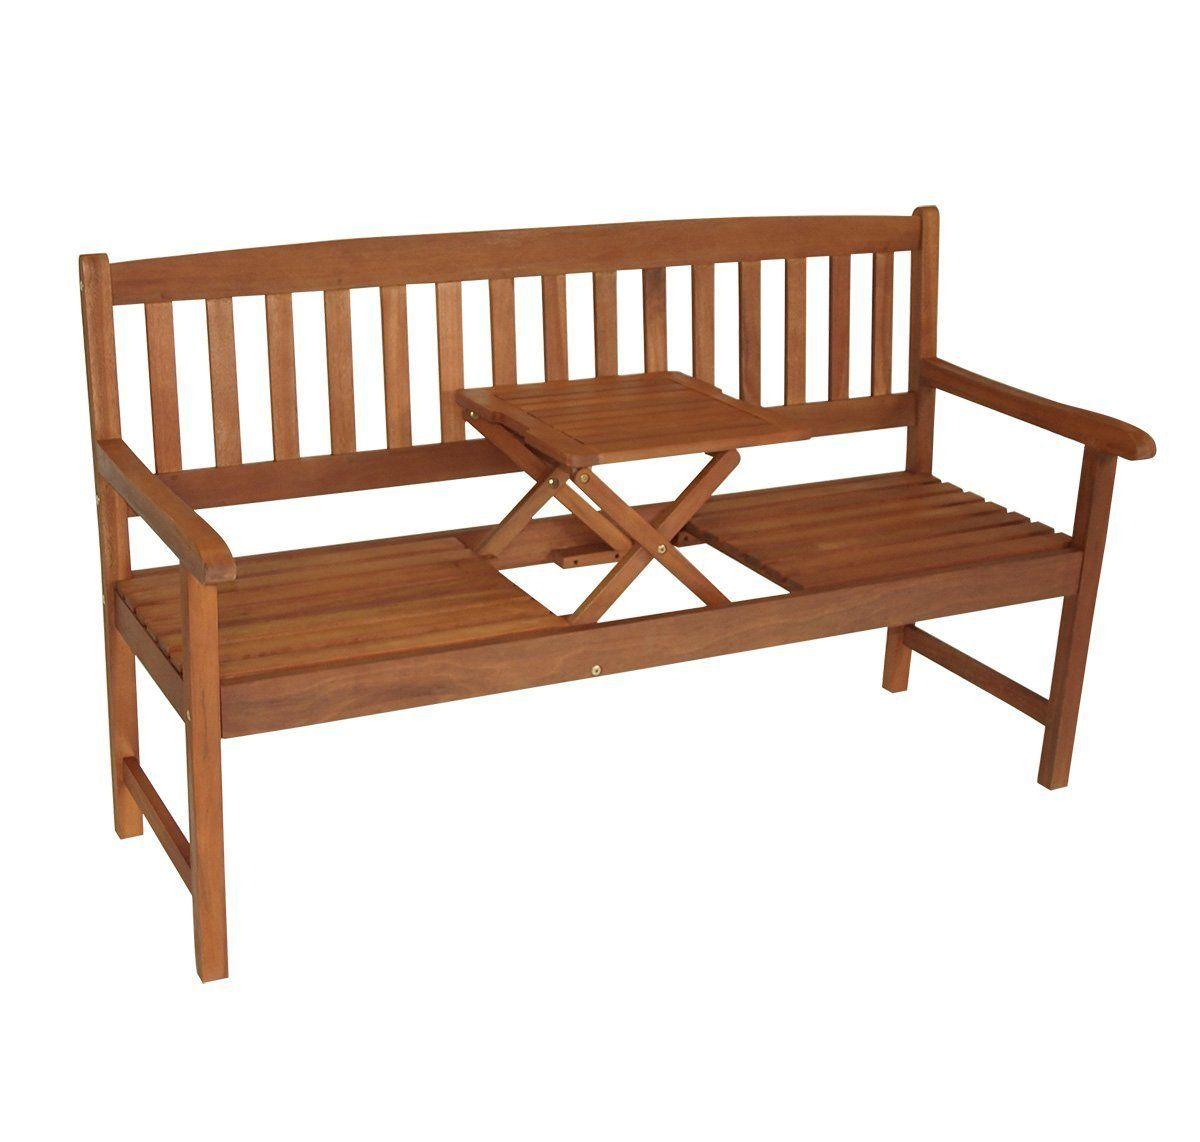 Gartenbank Mit Ausklappbarem Tisch Gartenbank Holz Gartenbank